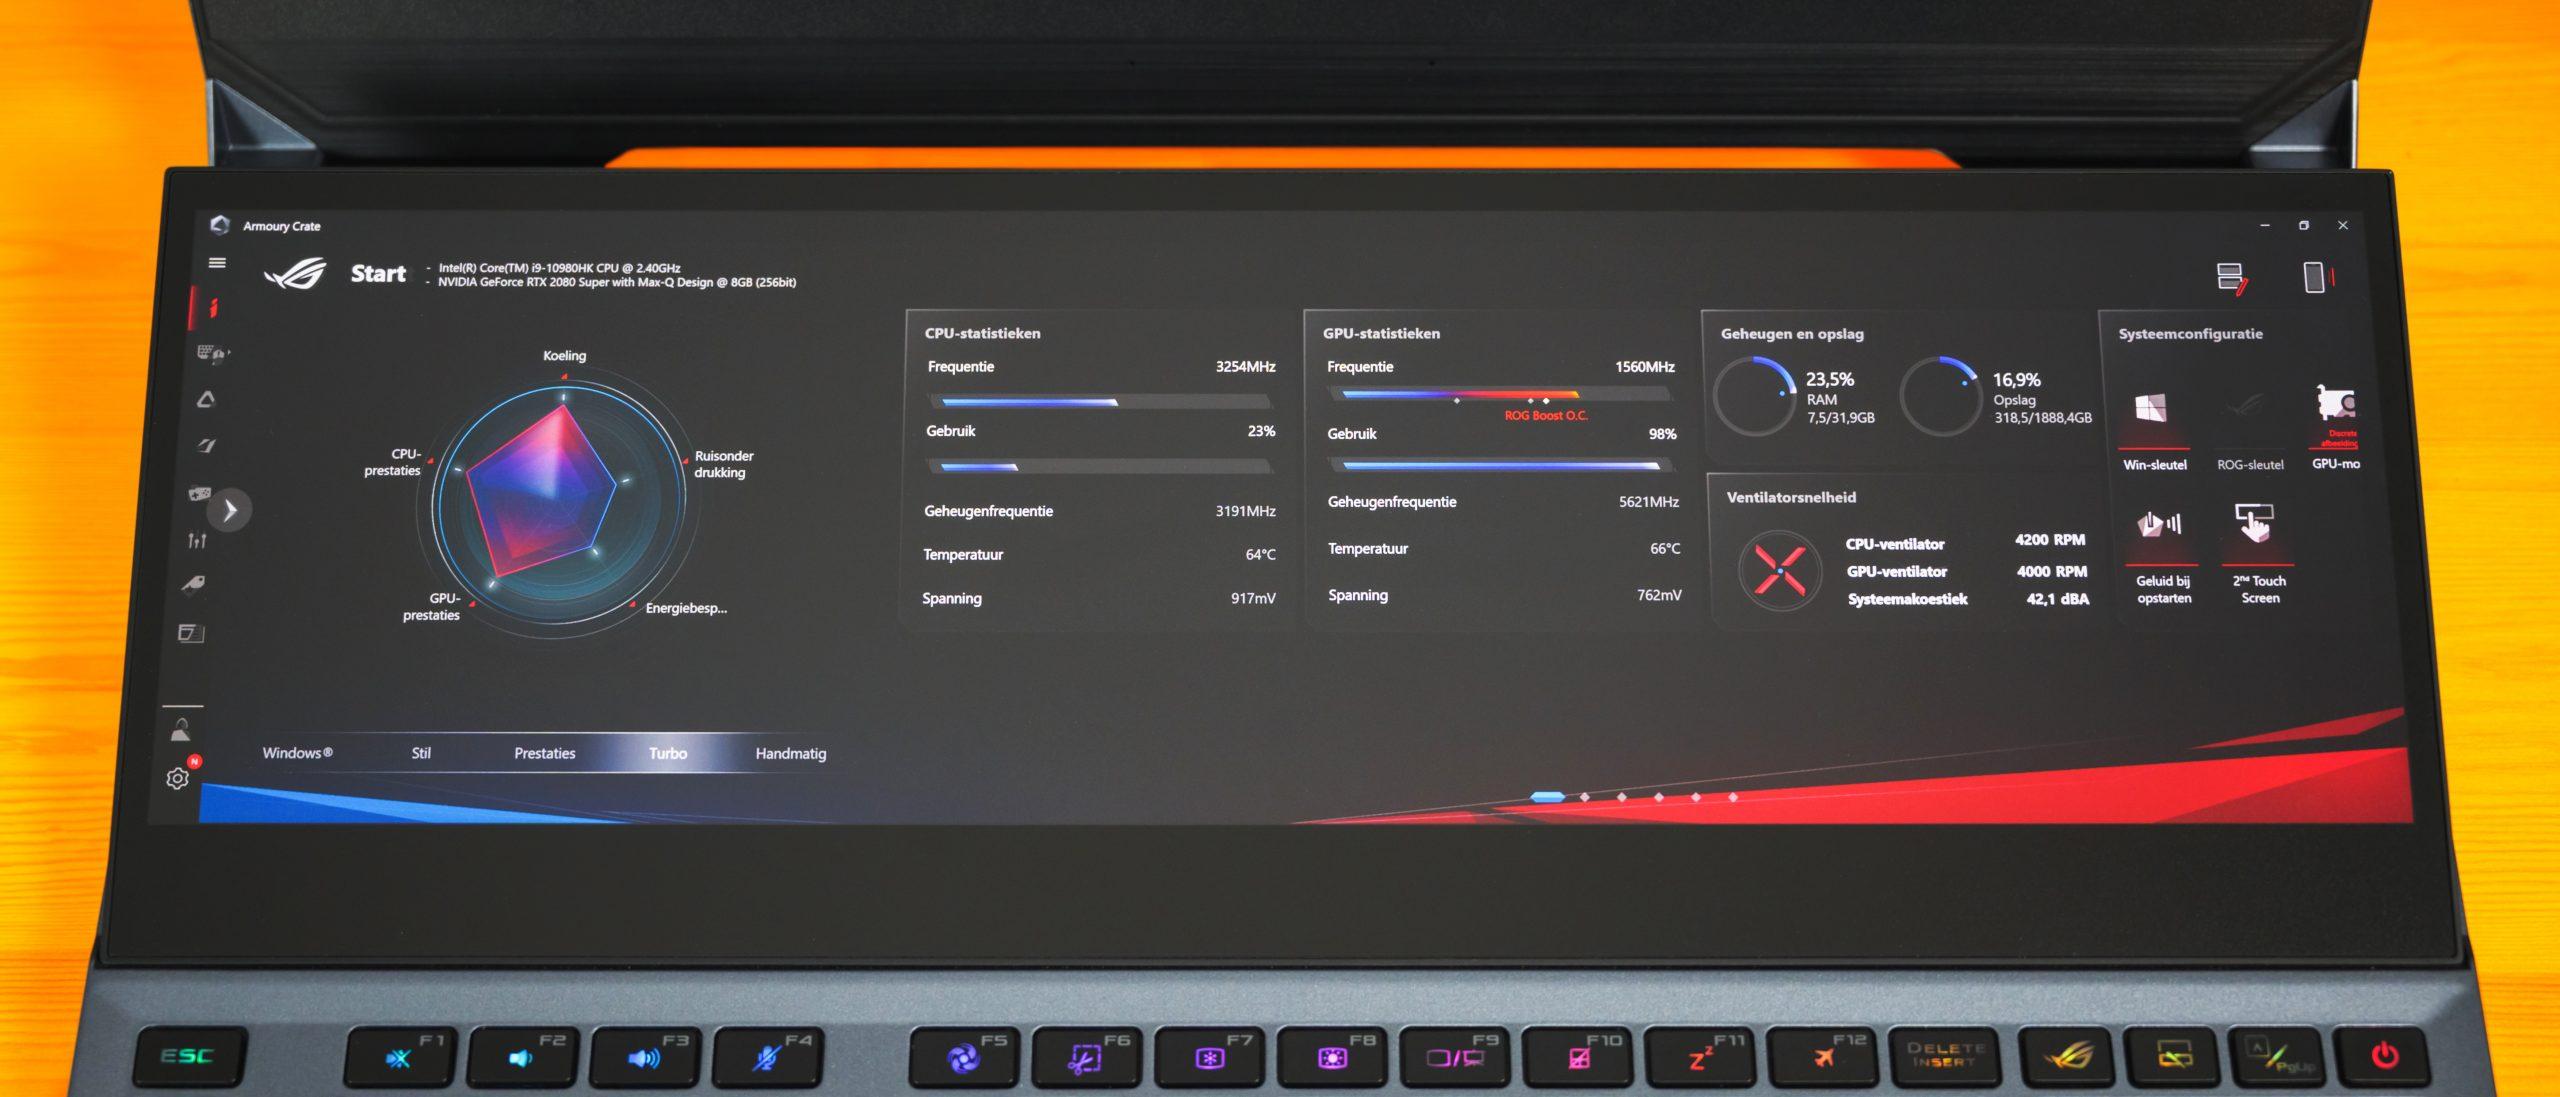 Foto van de ROG ScreenPad Plus zoals die ingebouwd zit in de ASUS ROG Zephyrus Duo 15, waarop de Armoury Crate met statistieken over de laptop af worden gebeeld.